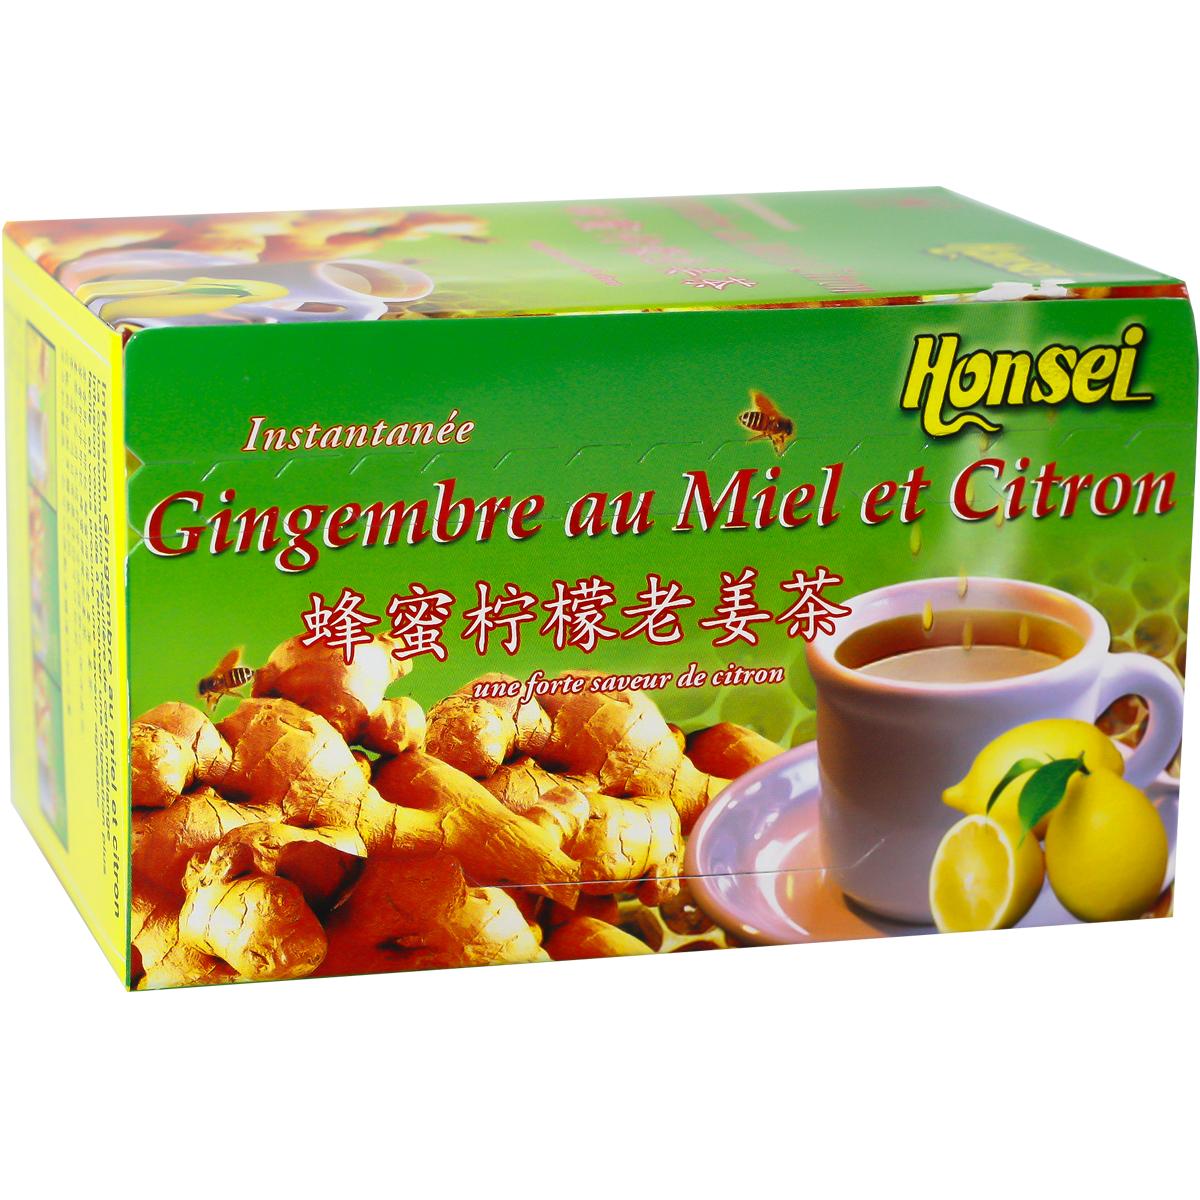 Inf. Gingembre au Miel et Citron (instantanée) Image